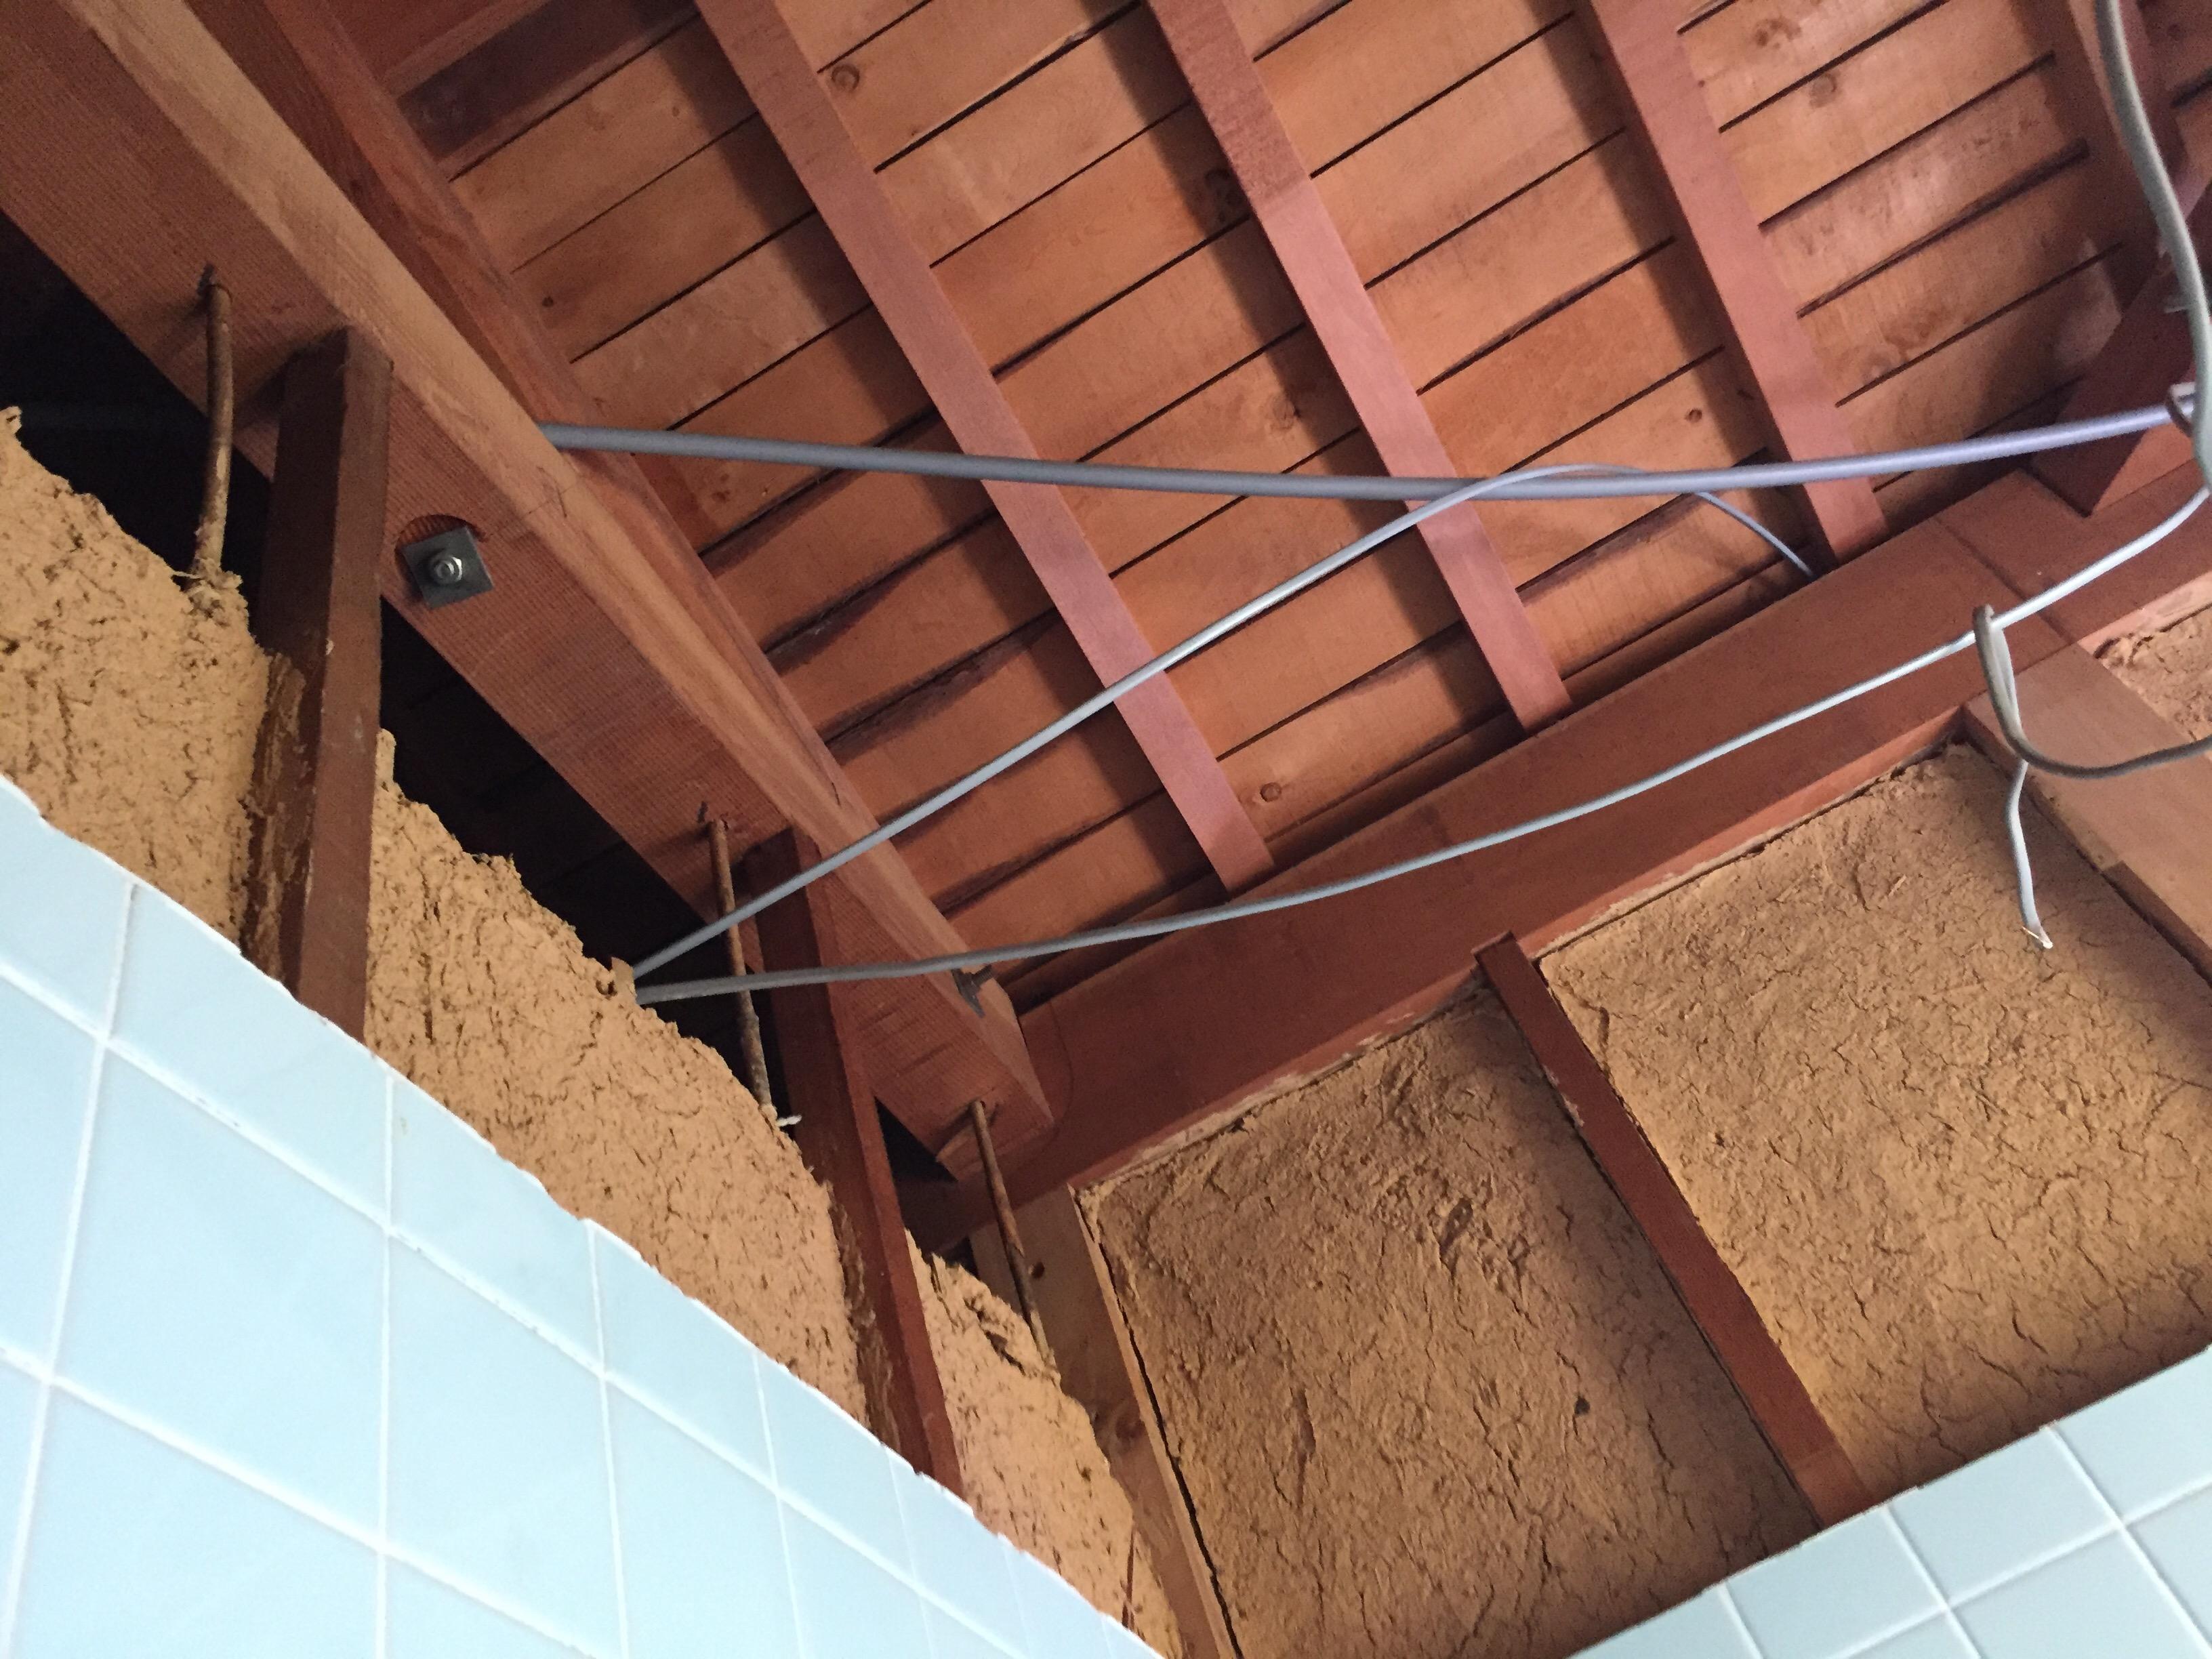 西条市でタイル貼りのお風呂からユニットバスへリフォーム天井